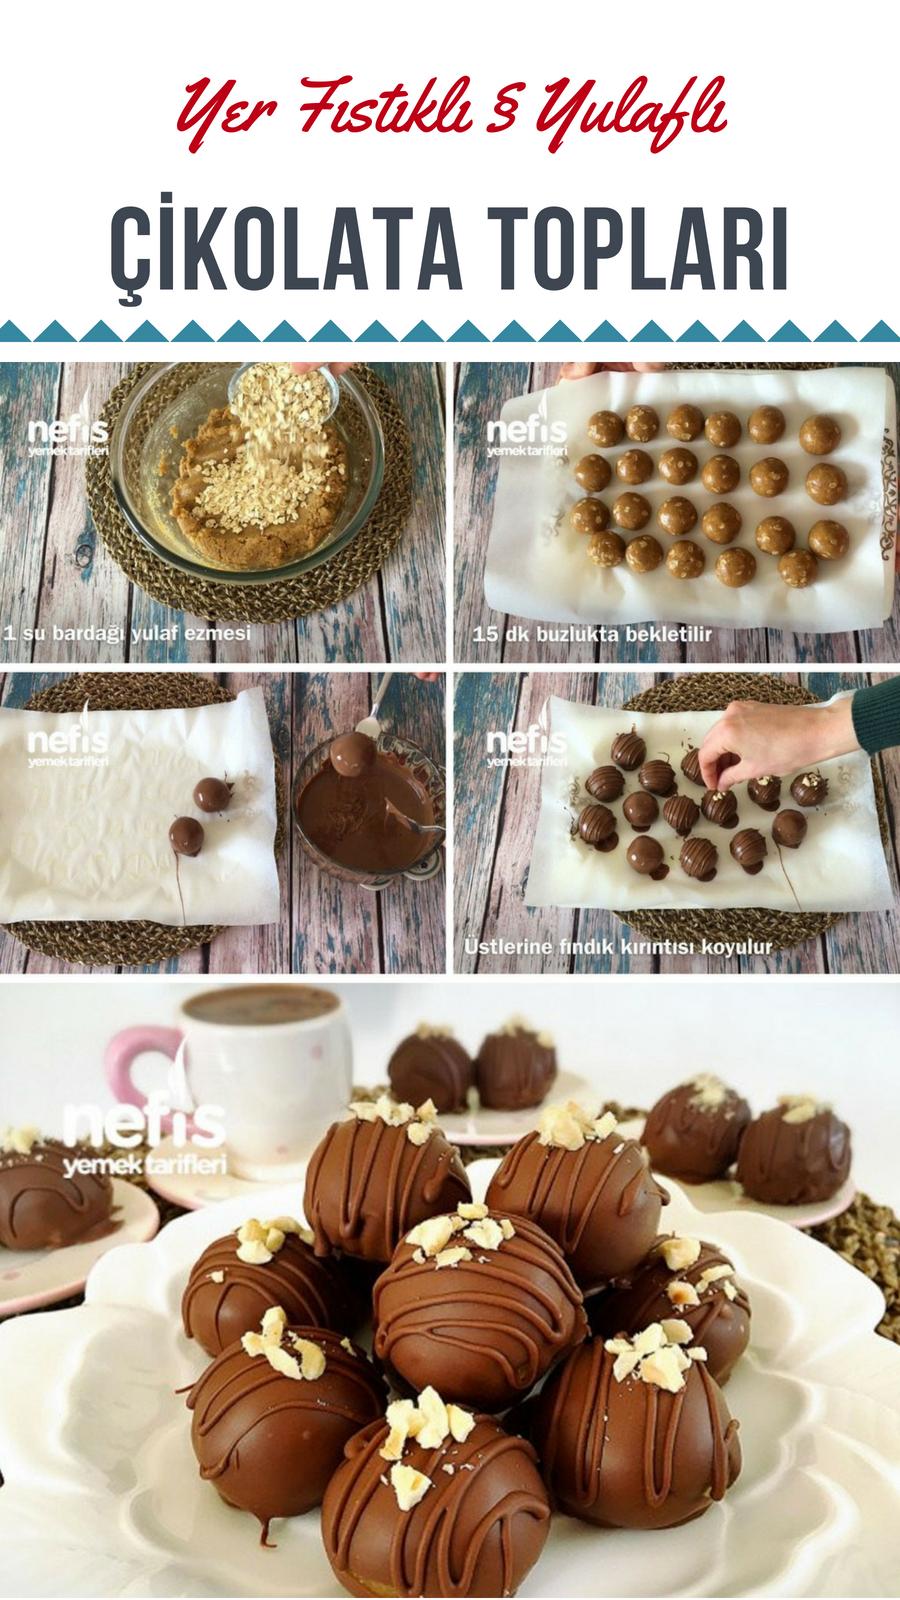 Çikolata Topları Tarifi Videosu